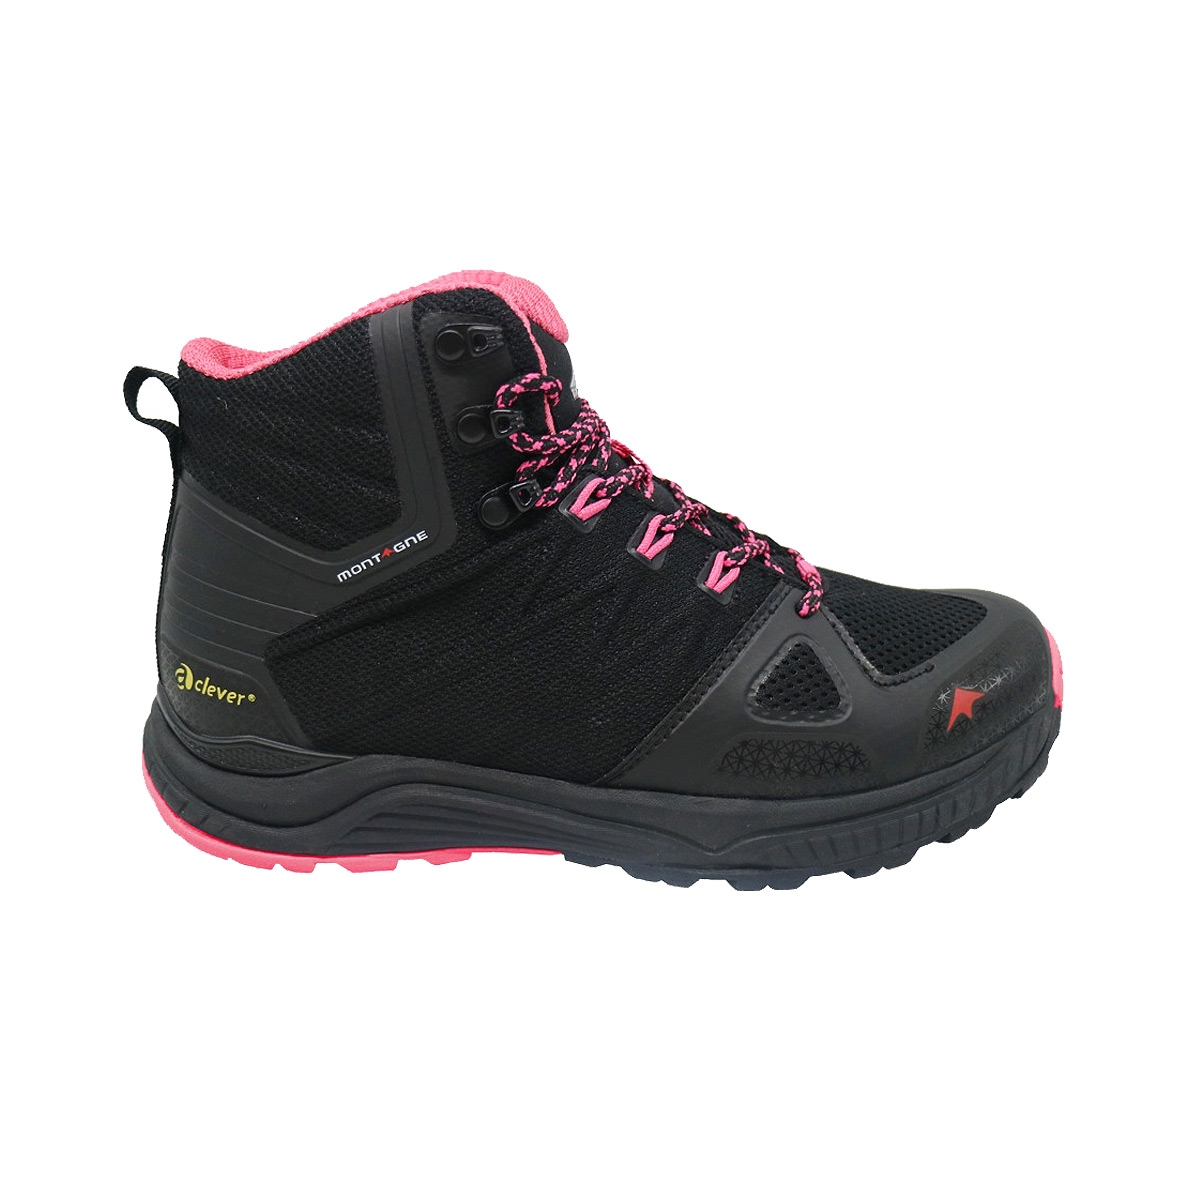 Botas de mujer pelion - Zapatillas de trabajo ...